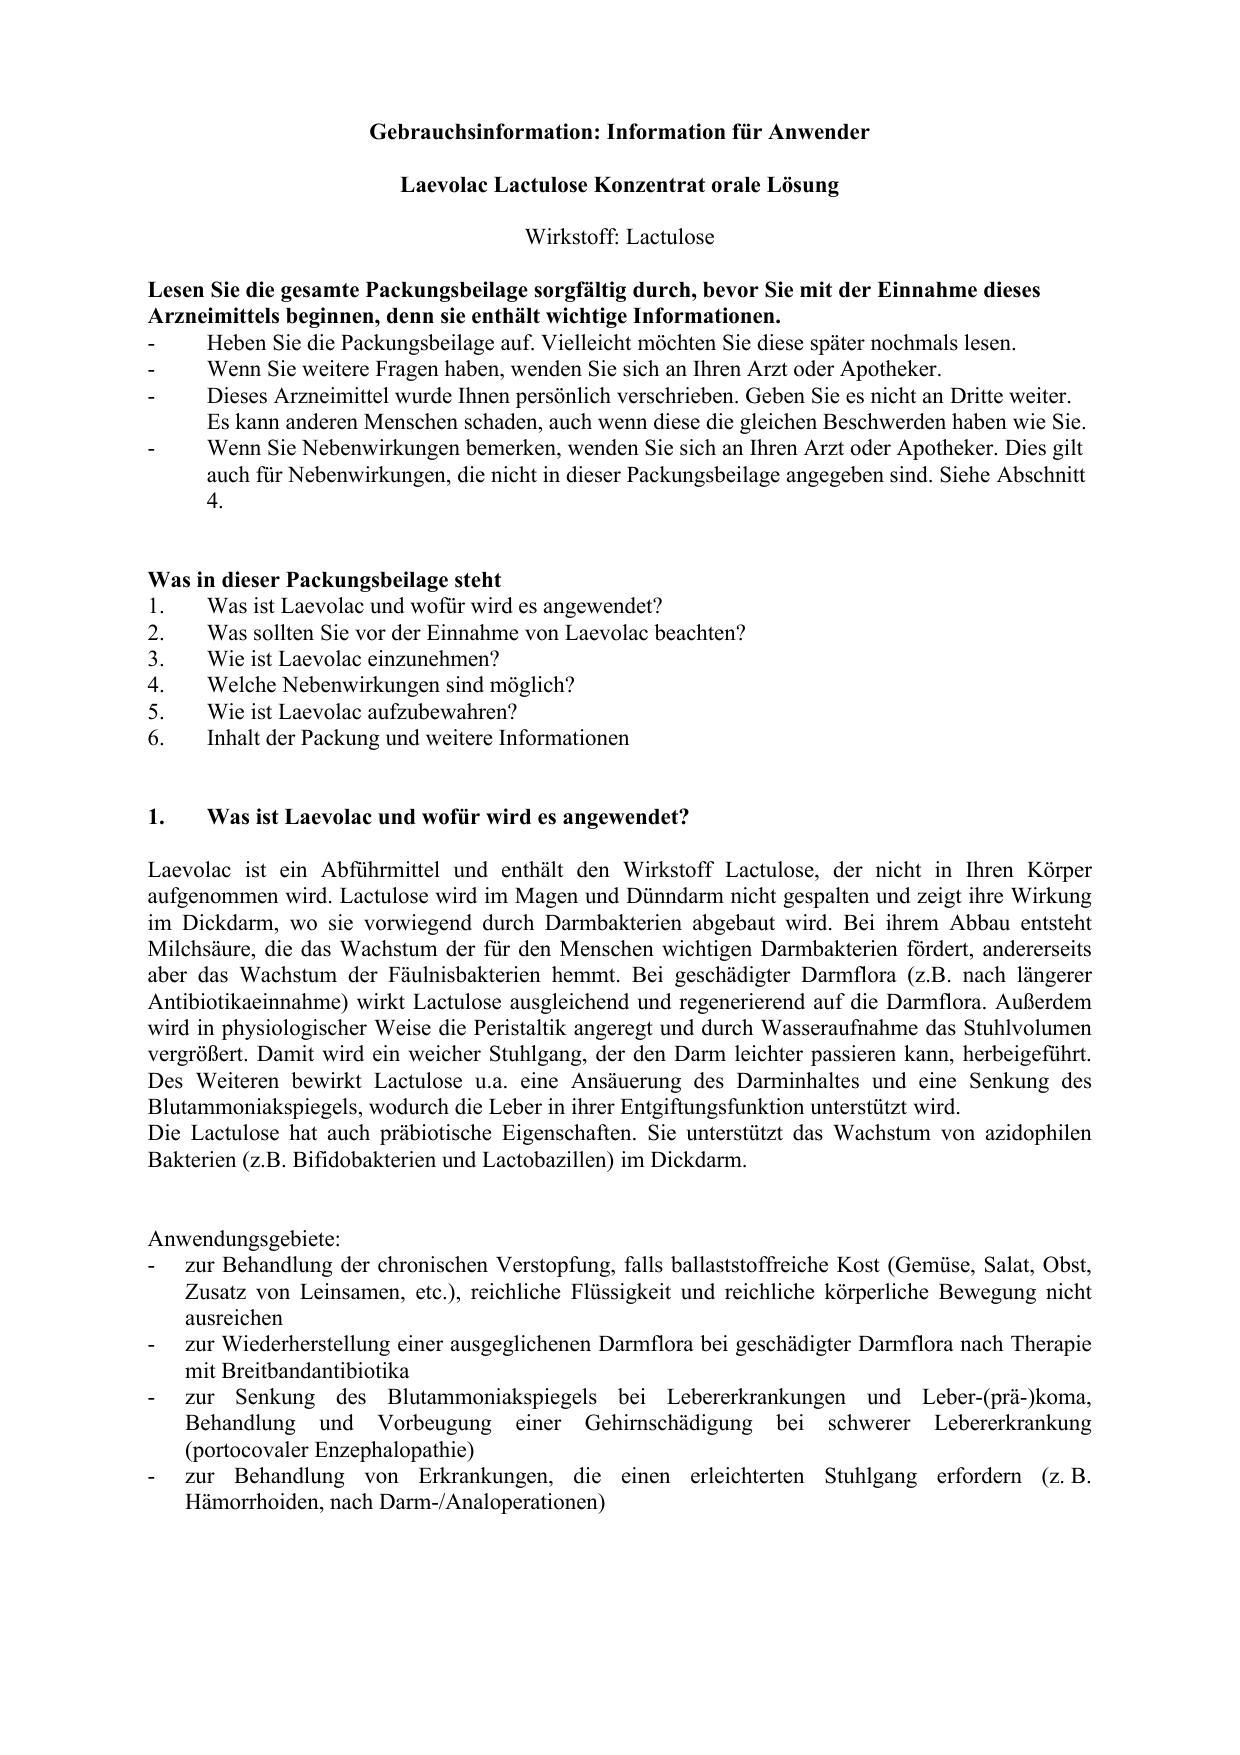 Gebrauchsinformation Information Für Den Anwender